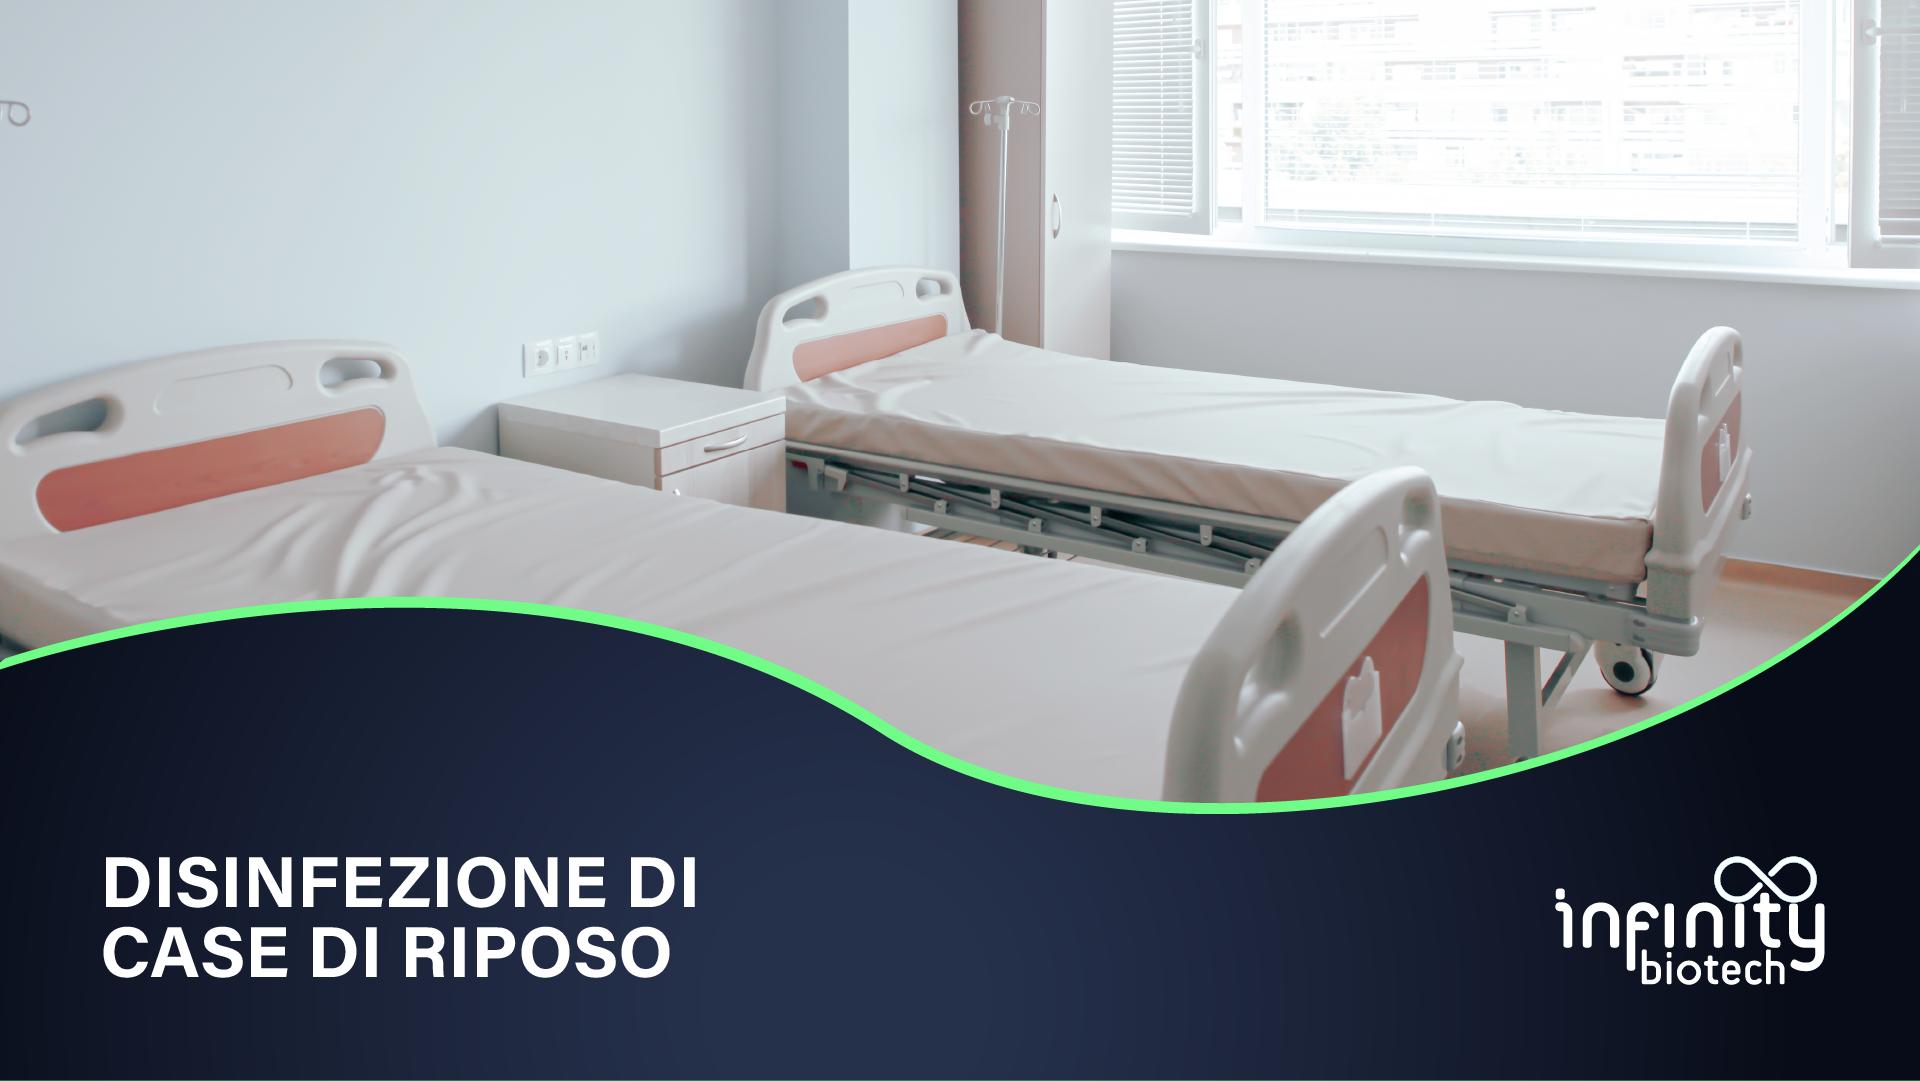 DISINFEZIONE DI CASE DI RIPOSO